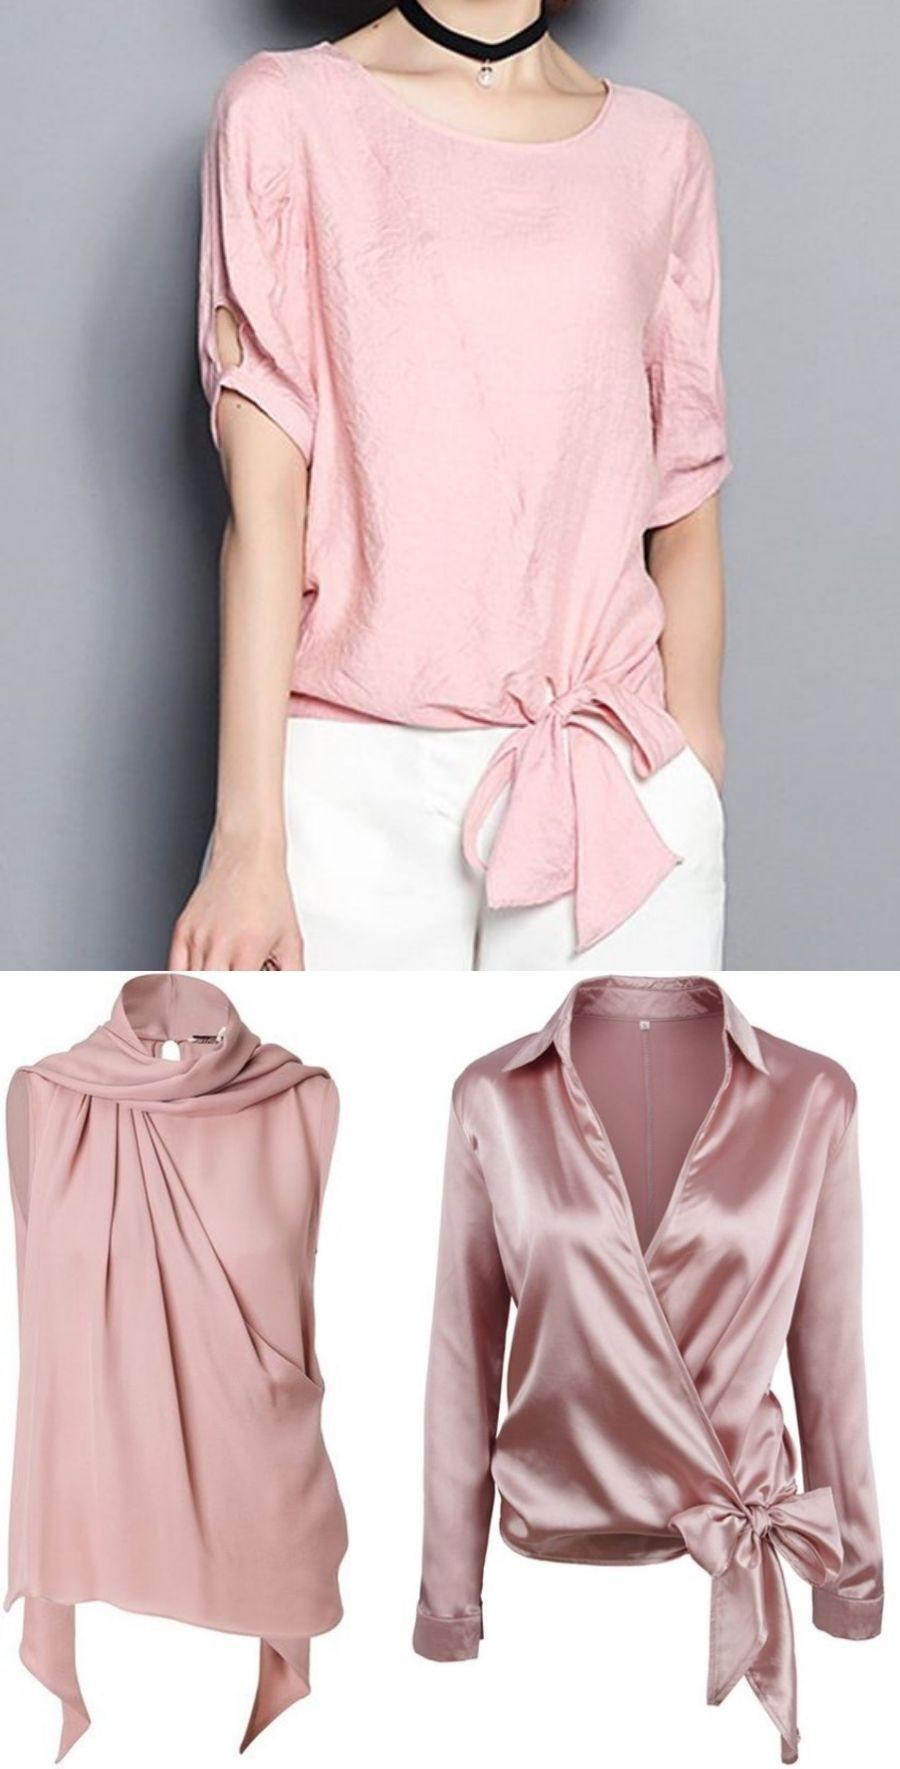 Moda anti-idade: Primavera romântica - Blusinha rosé